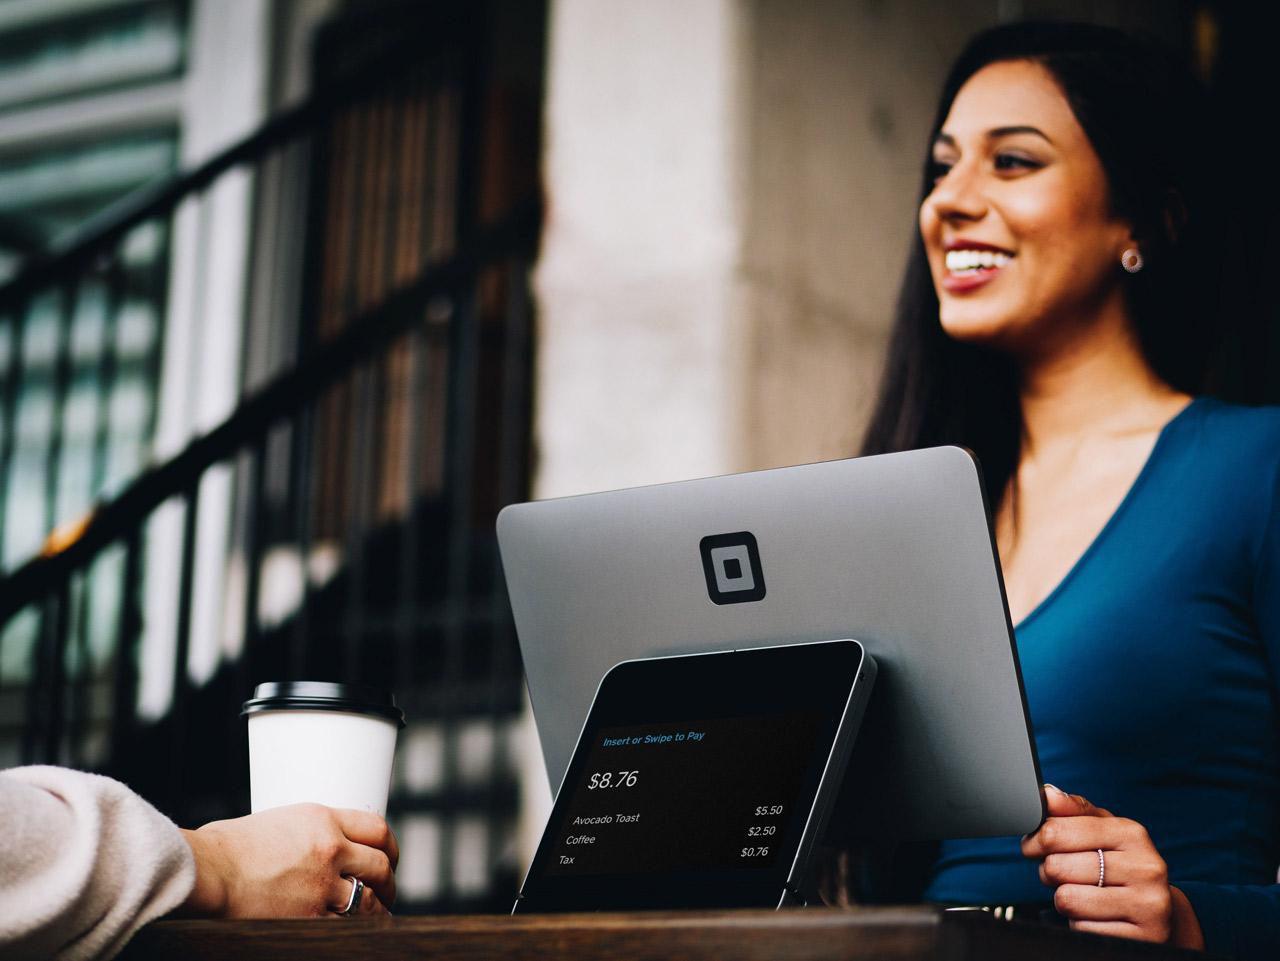 Servizio Clienti sui social network: si può fare?